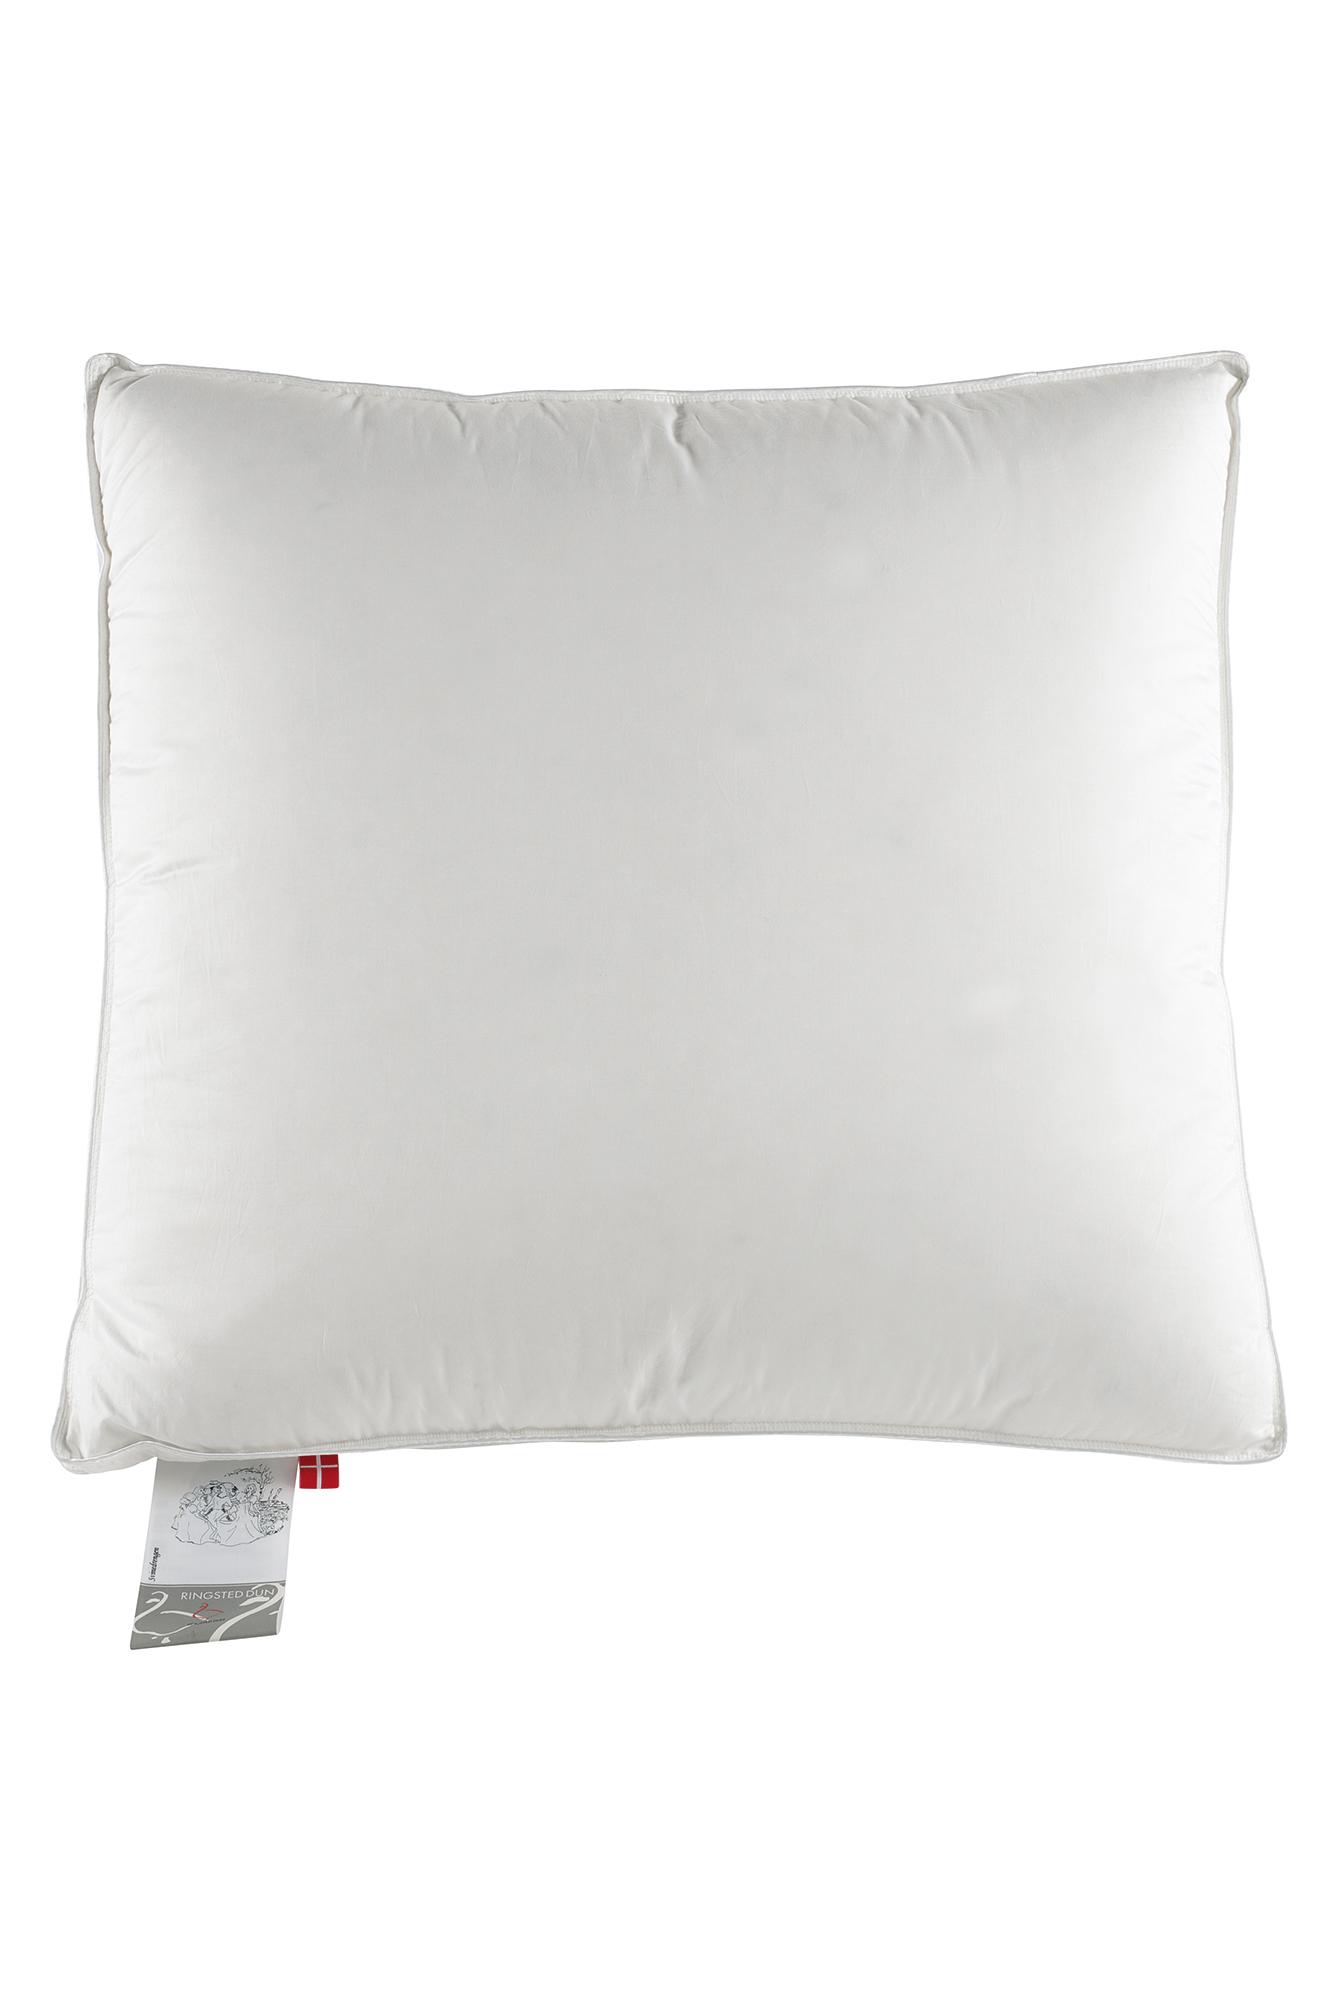 Ylellinen untuvatyyny, korkea, 50x60 cm